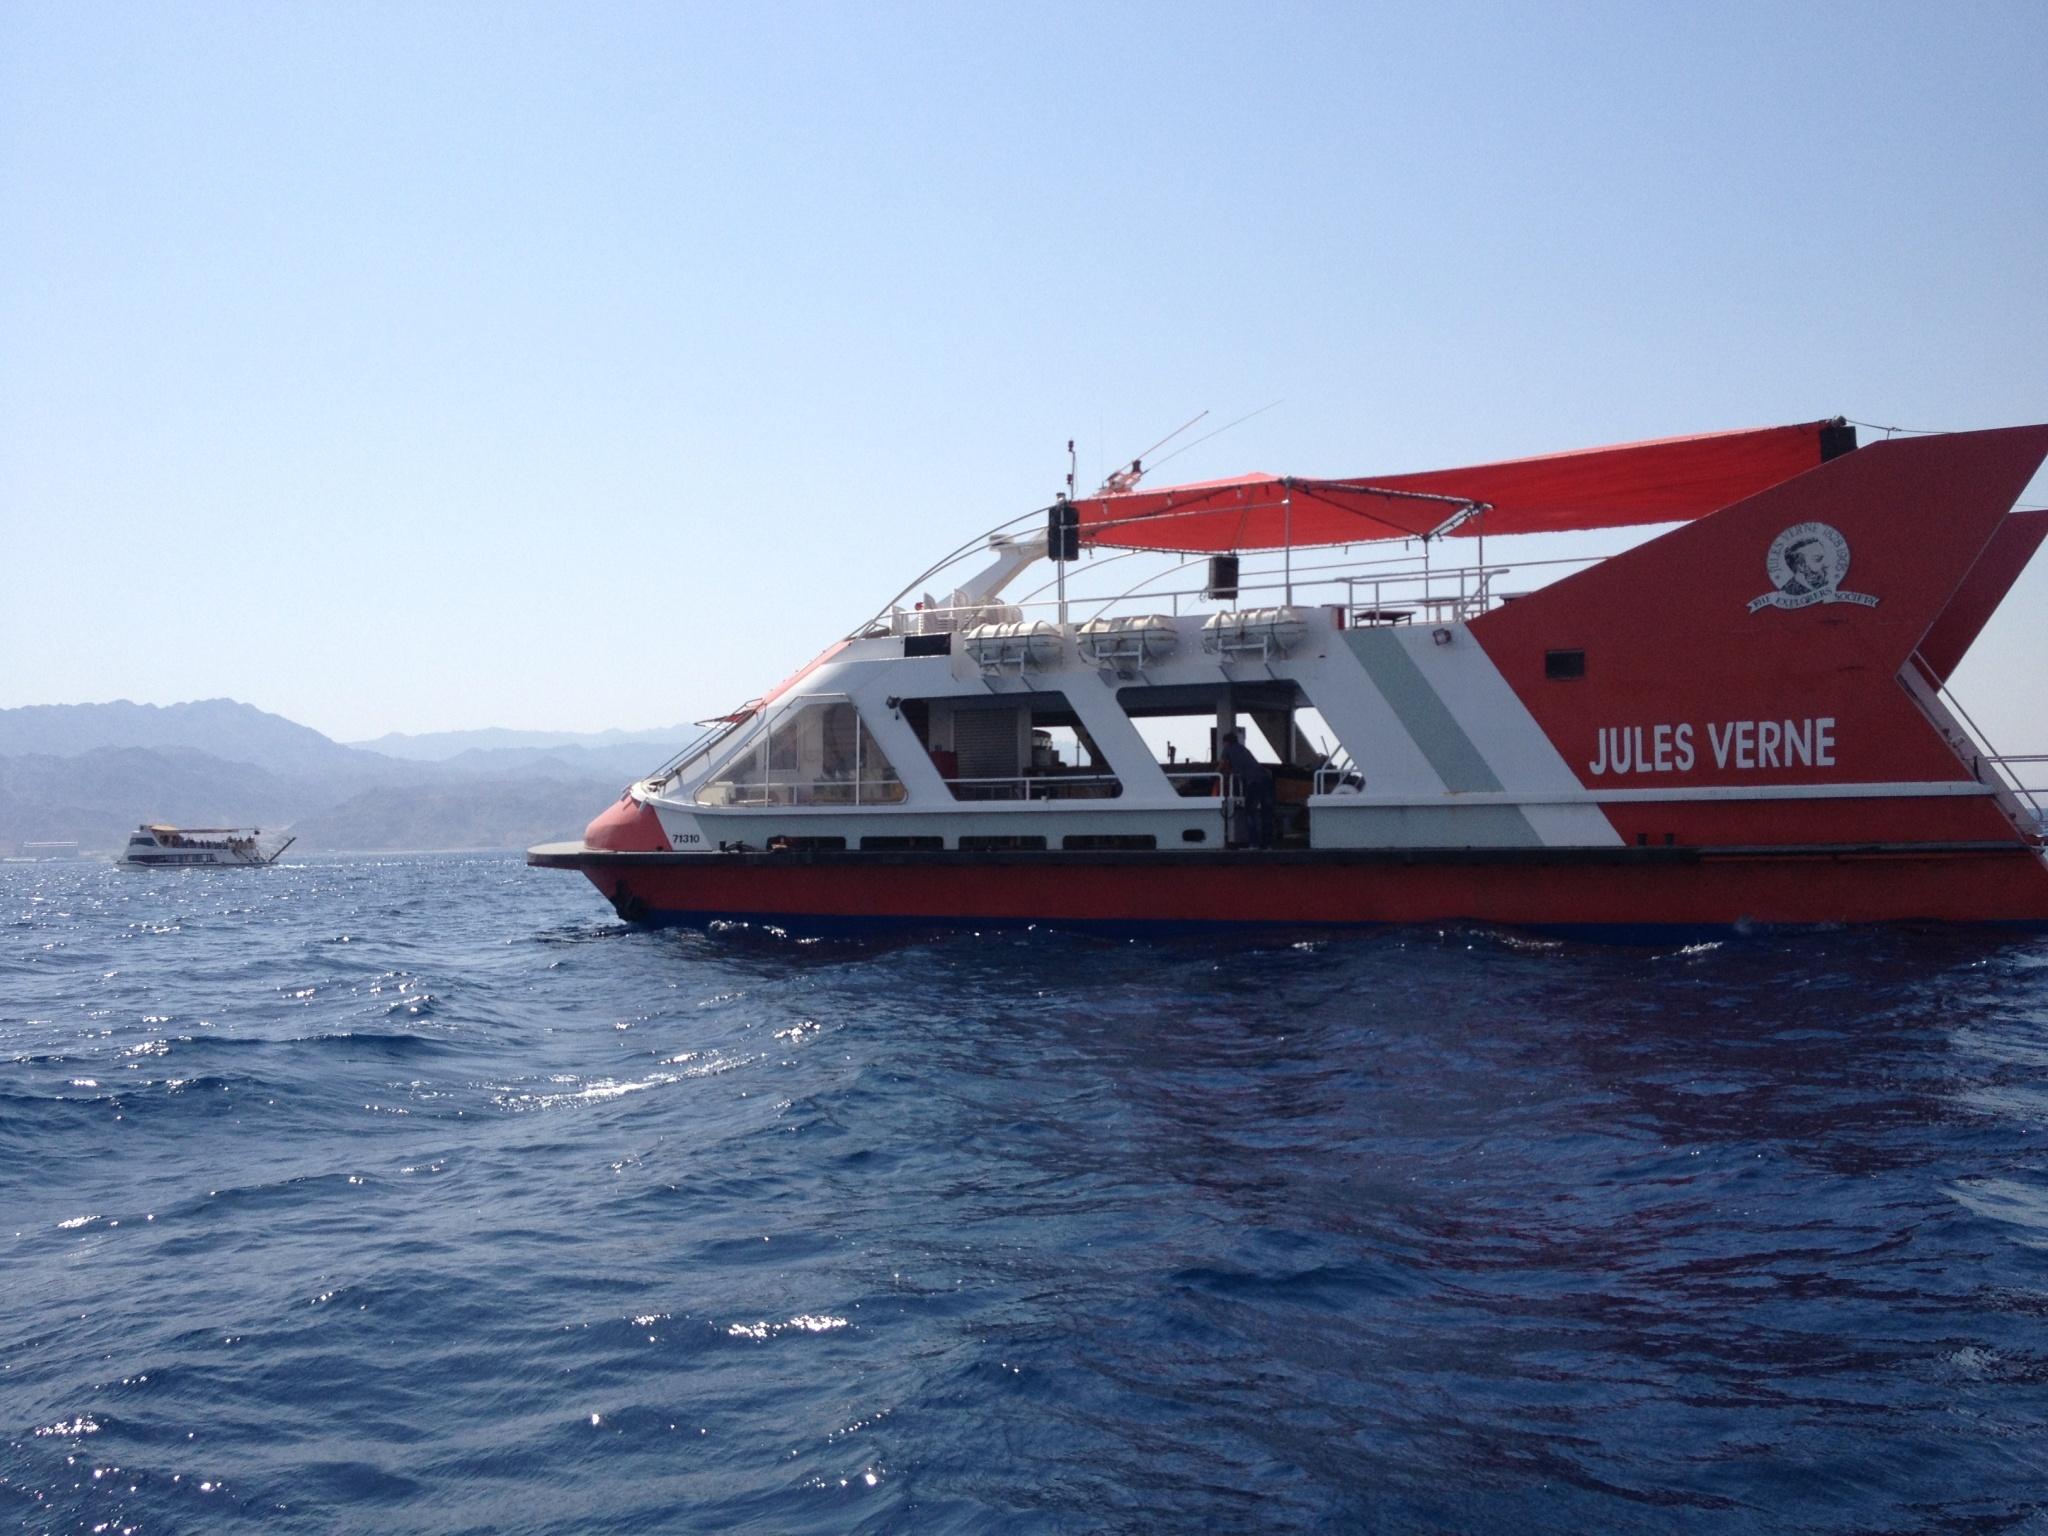 Jules Verne Boat